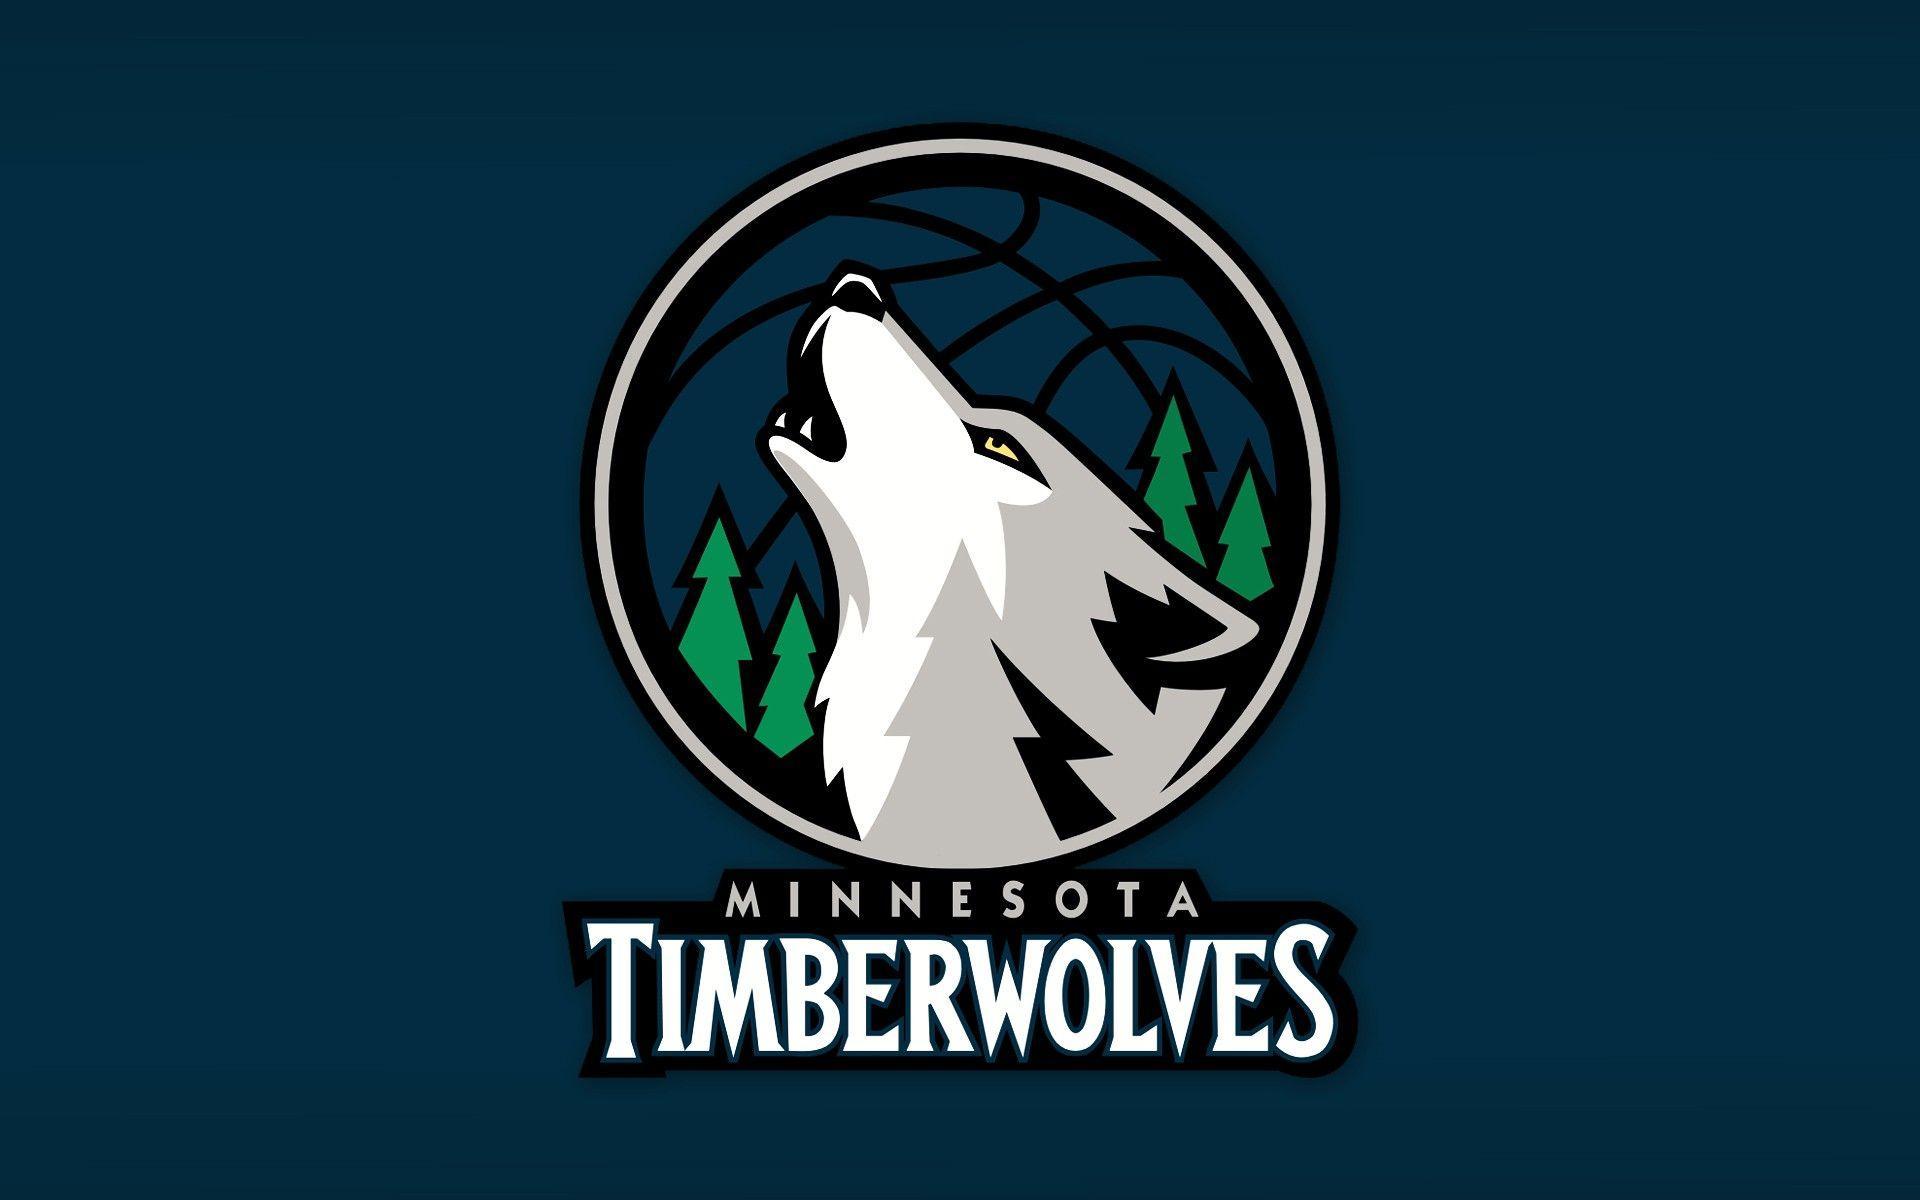 Minnesota Timberwolves - Jogadores, escalação, chart e news